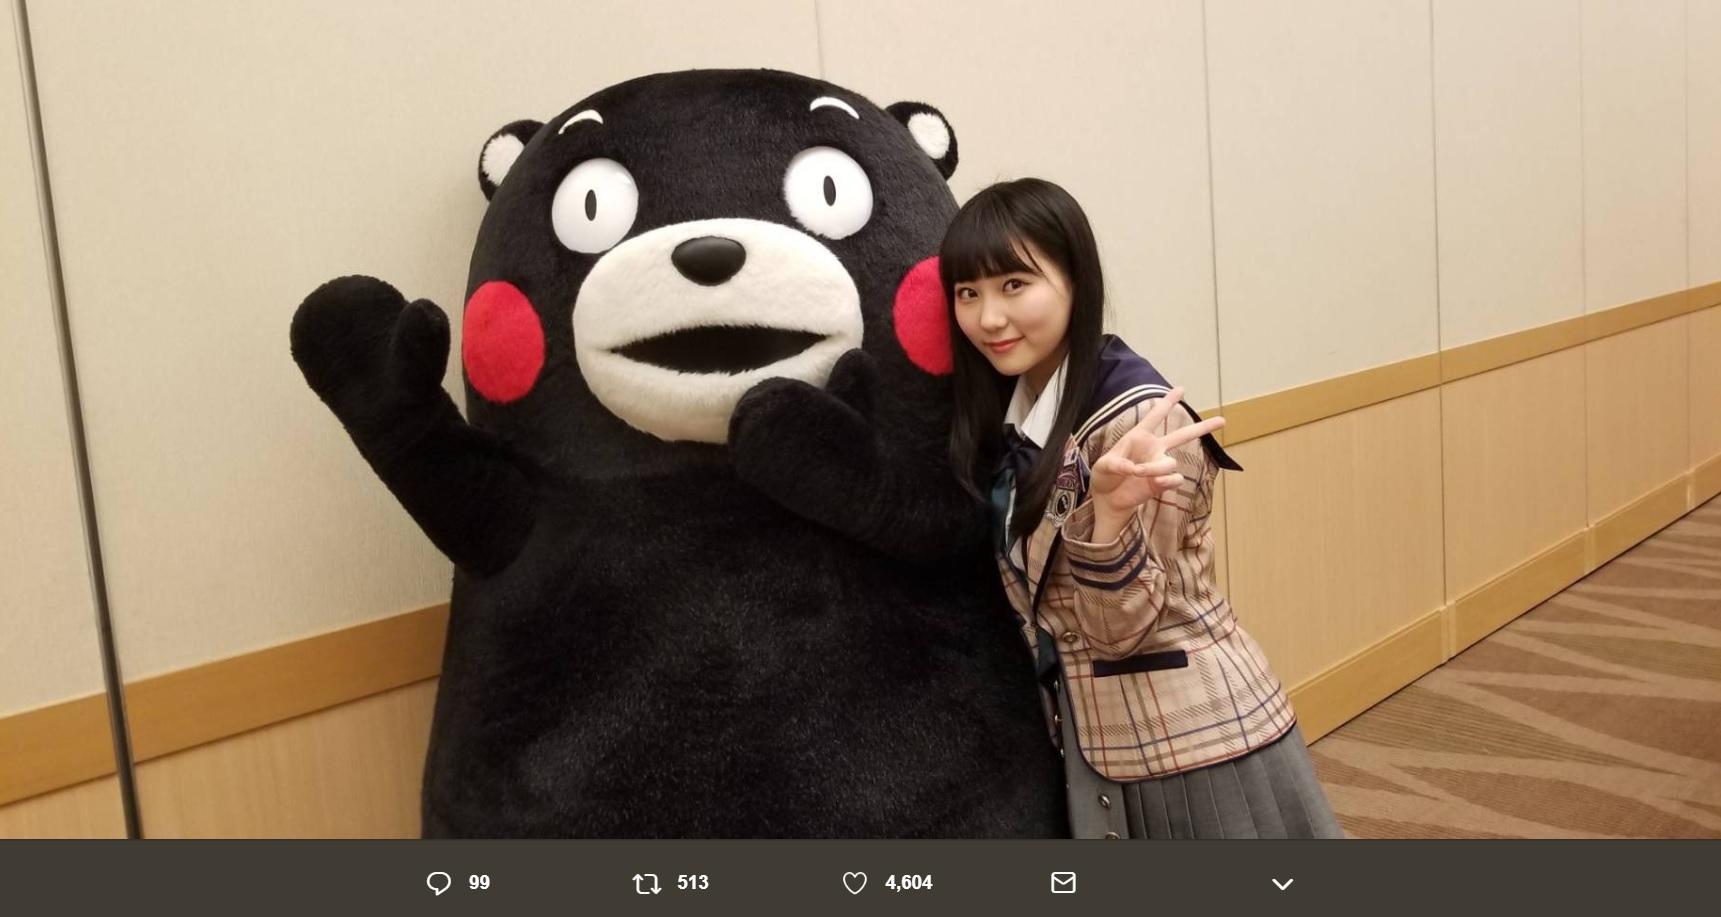 くまモンと田中美久(画像は『田中美久 2019年2月16日付Twitter「早速!! #佐藤弘道 さん #安田美沙子 さん #くまモン ちゃんにお会いしました」』のスクリーンショット)